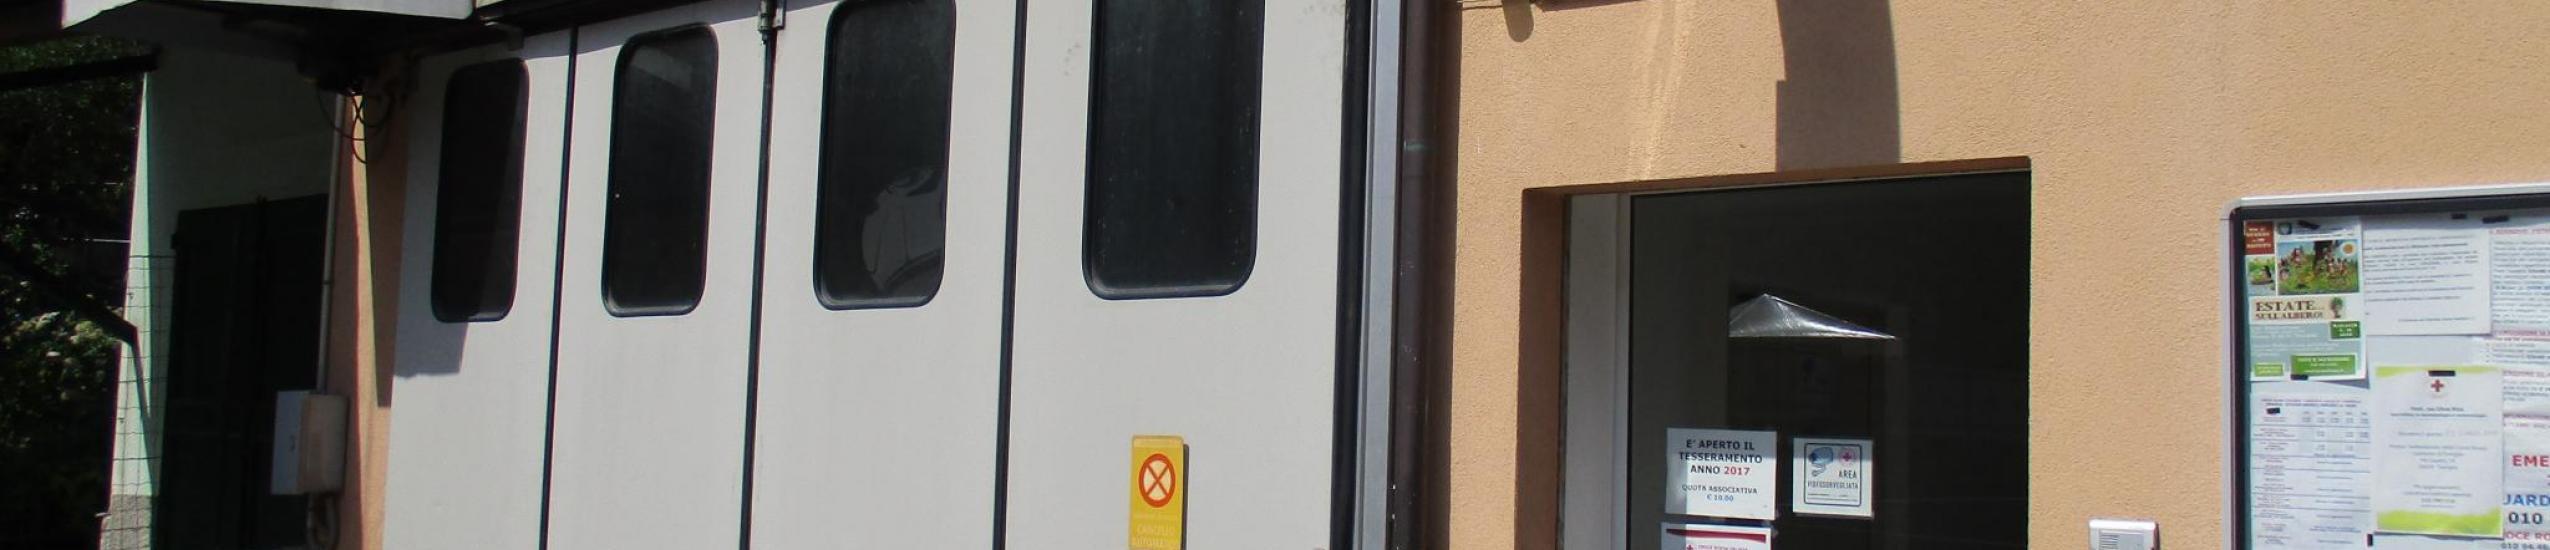 Croce Rossa Italiana (0)